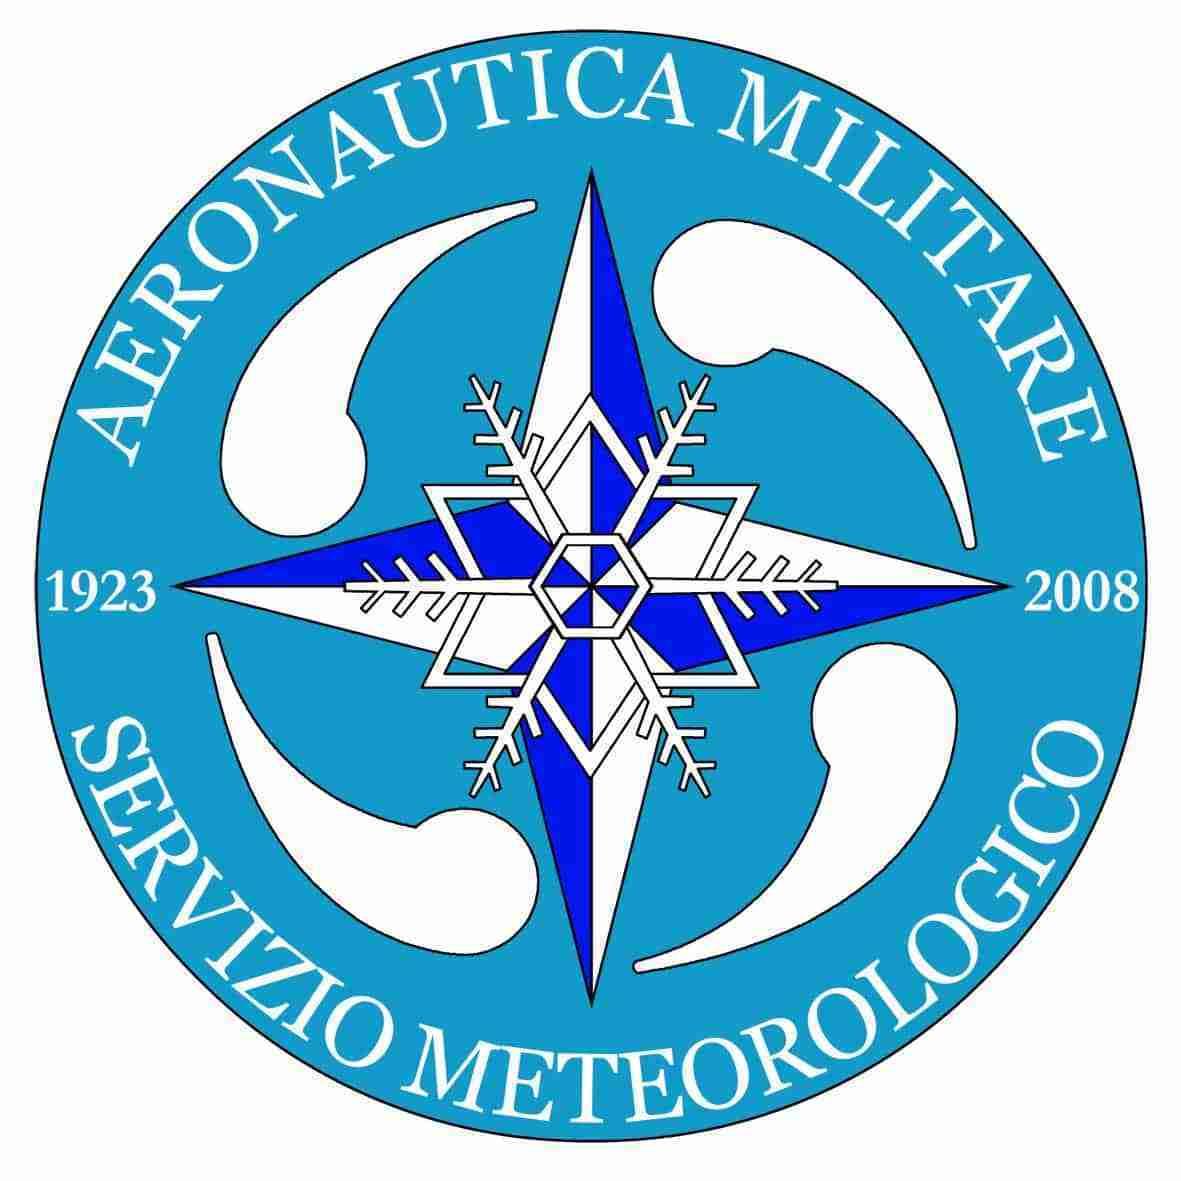 Servizio Meteo Aeronautica Militare - Vela Dream